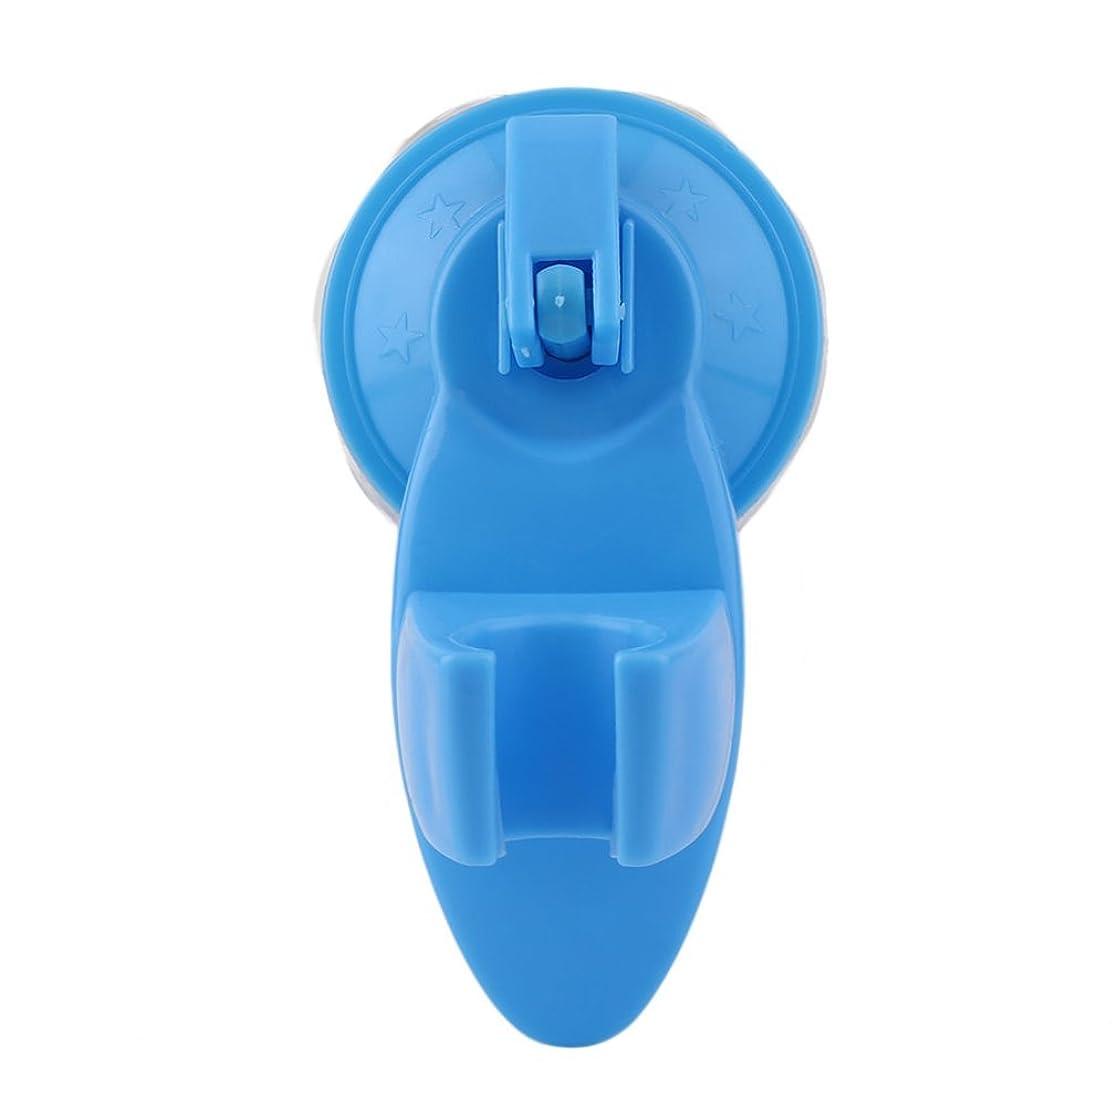 敗北男性実り多いプロモーション浴室の吸引式シャワー固定金具ハンドヘッドホルダー